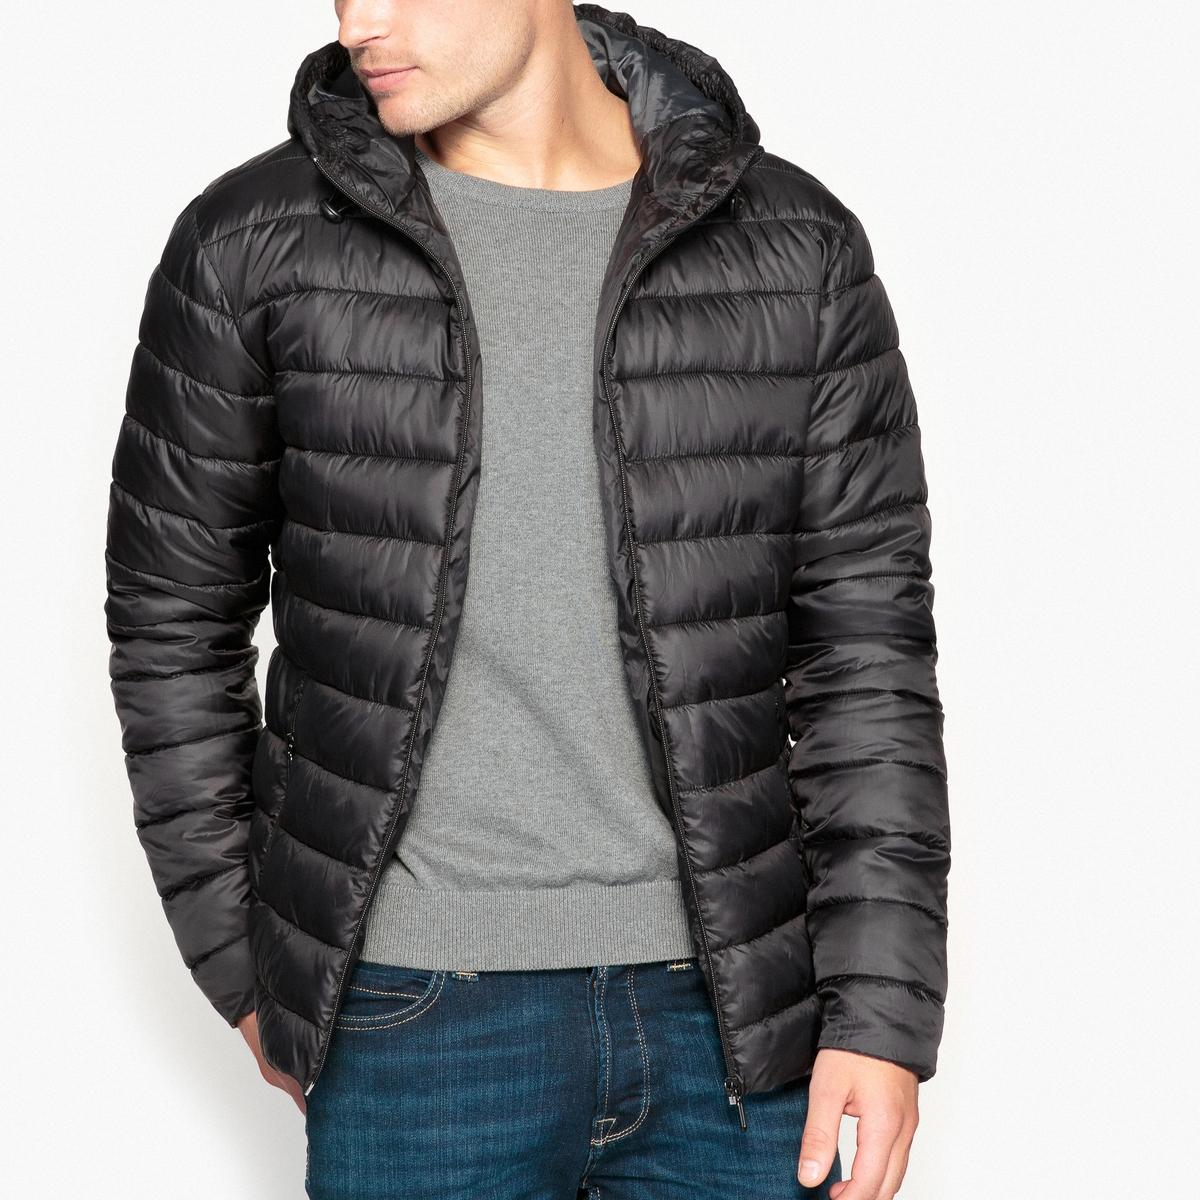 Куртка стеганая короткая с капюшономОписание:Детали  •  Длина  : укороченная  •  Воротник-стойка •  Застежка на молнию Состав и уход  •  100% полиэстер  •  Следуйте советам по уходу, указанным на этикетке<br><br>Цвет: черный<br>Размер: XL